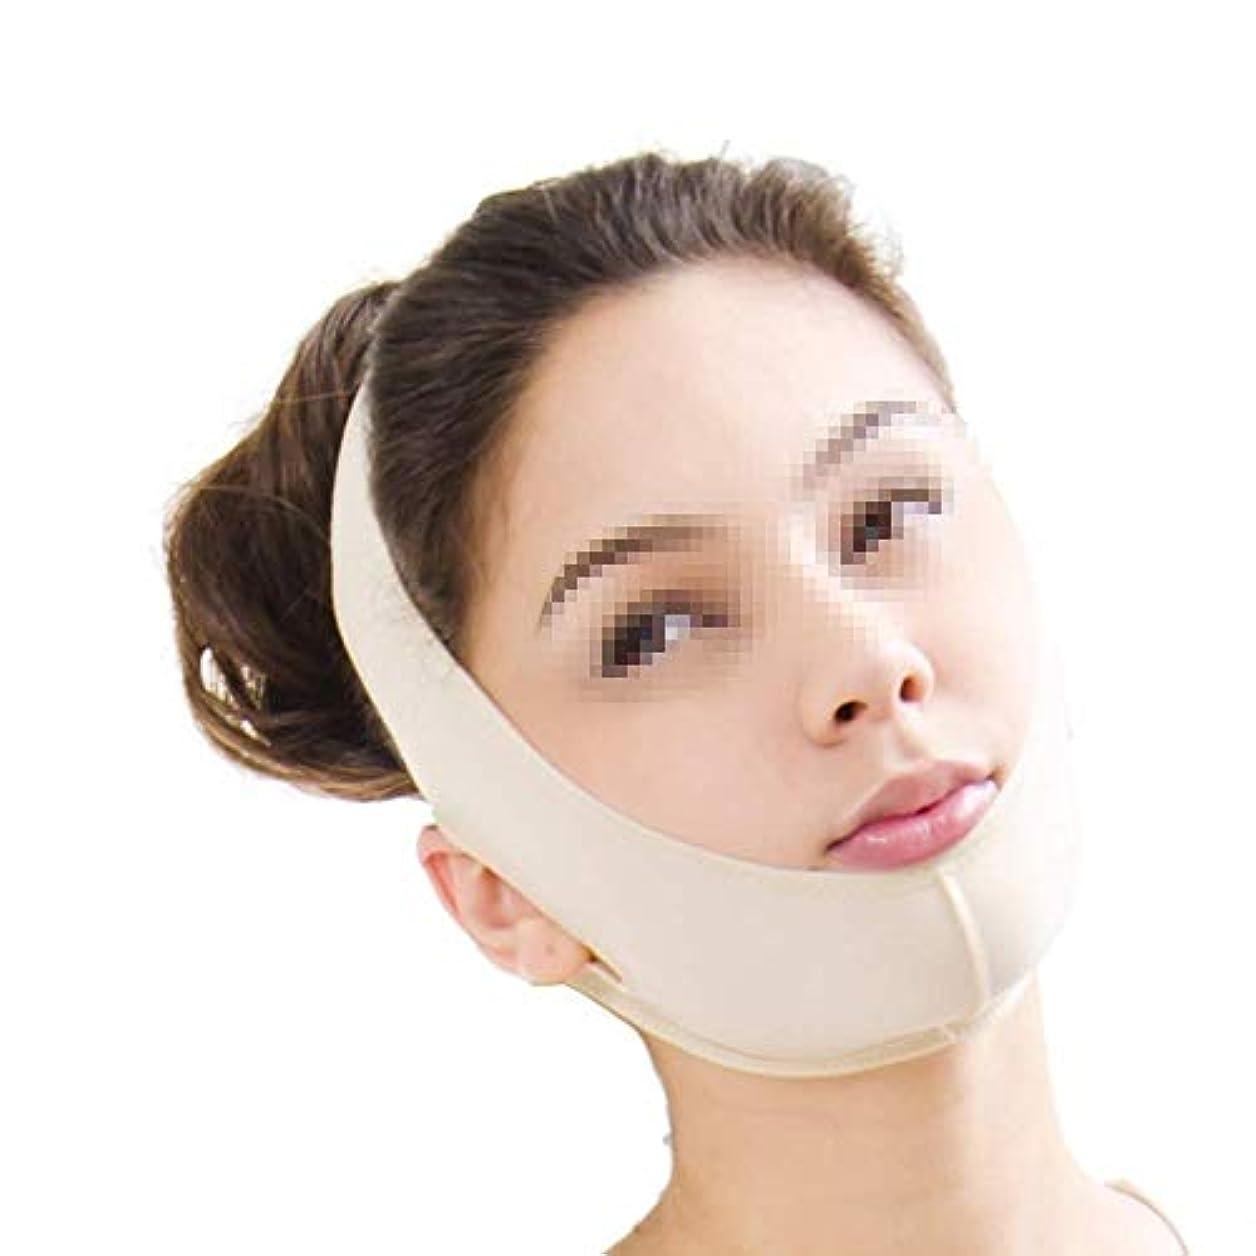 調停者トライアスリート安全なフェイスリフトマスク、圧縮後の顎顔面ダブルチン化粧品脂肪吸引小顔包帯弾性ヘッドギア(サイズ:Xl)